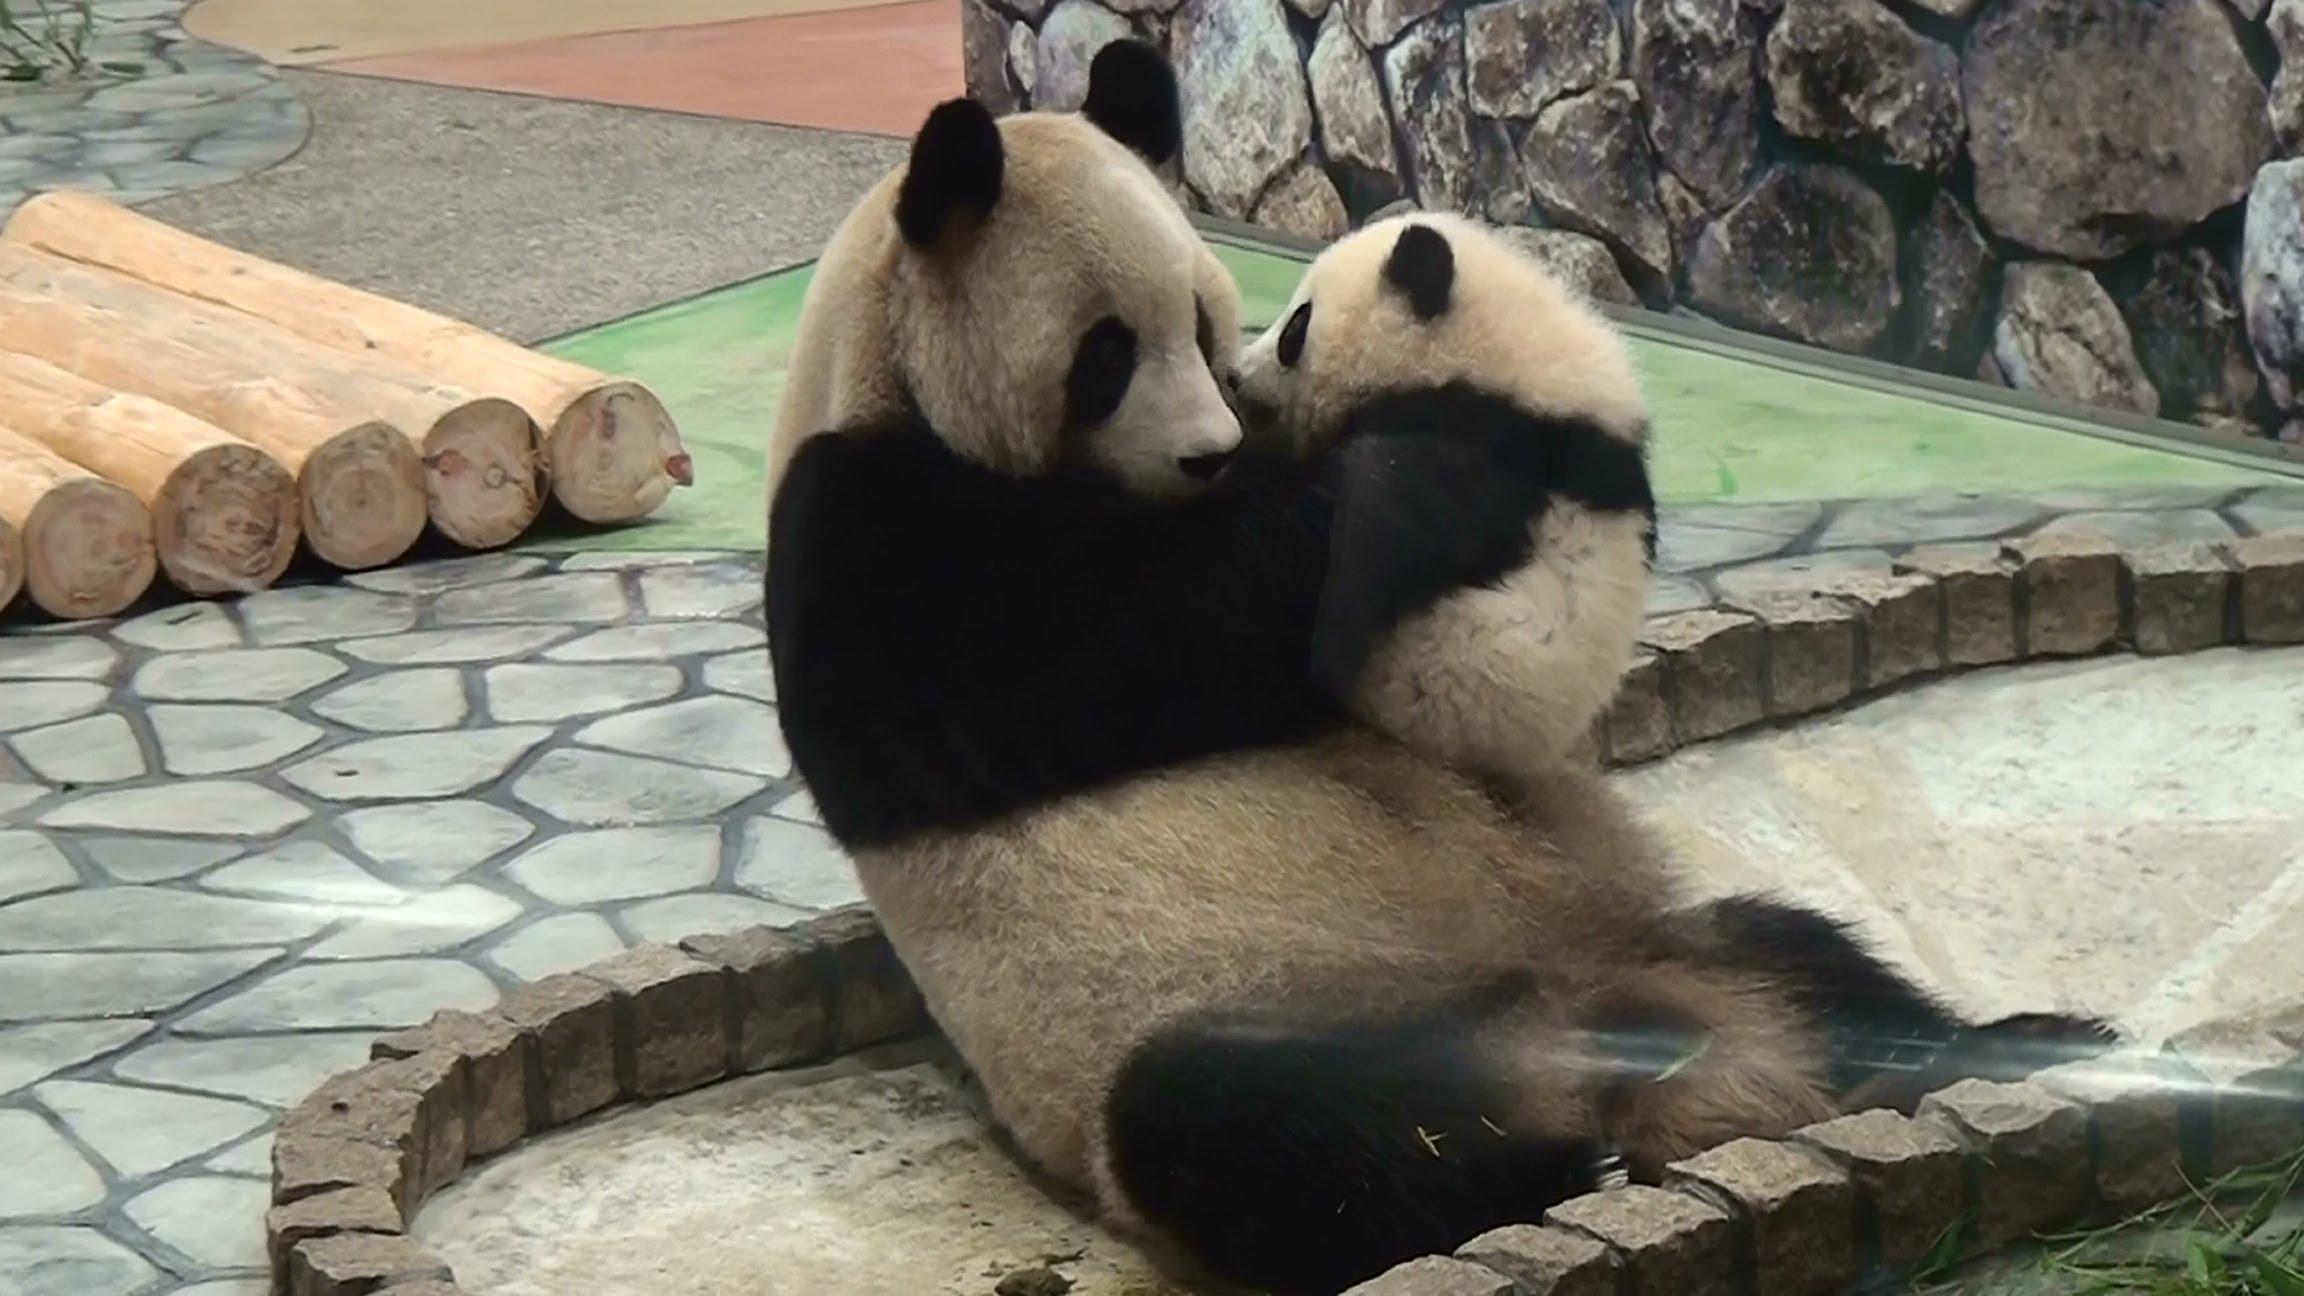 Panda baby kiss her Mom 2304x1296